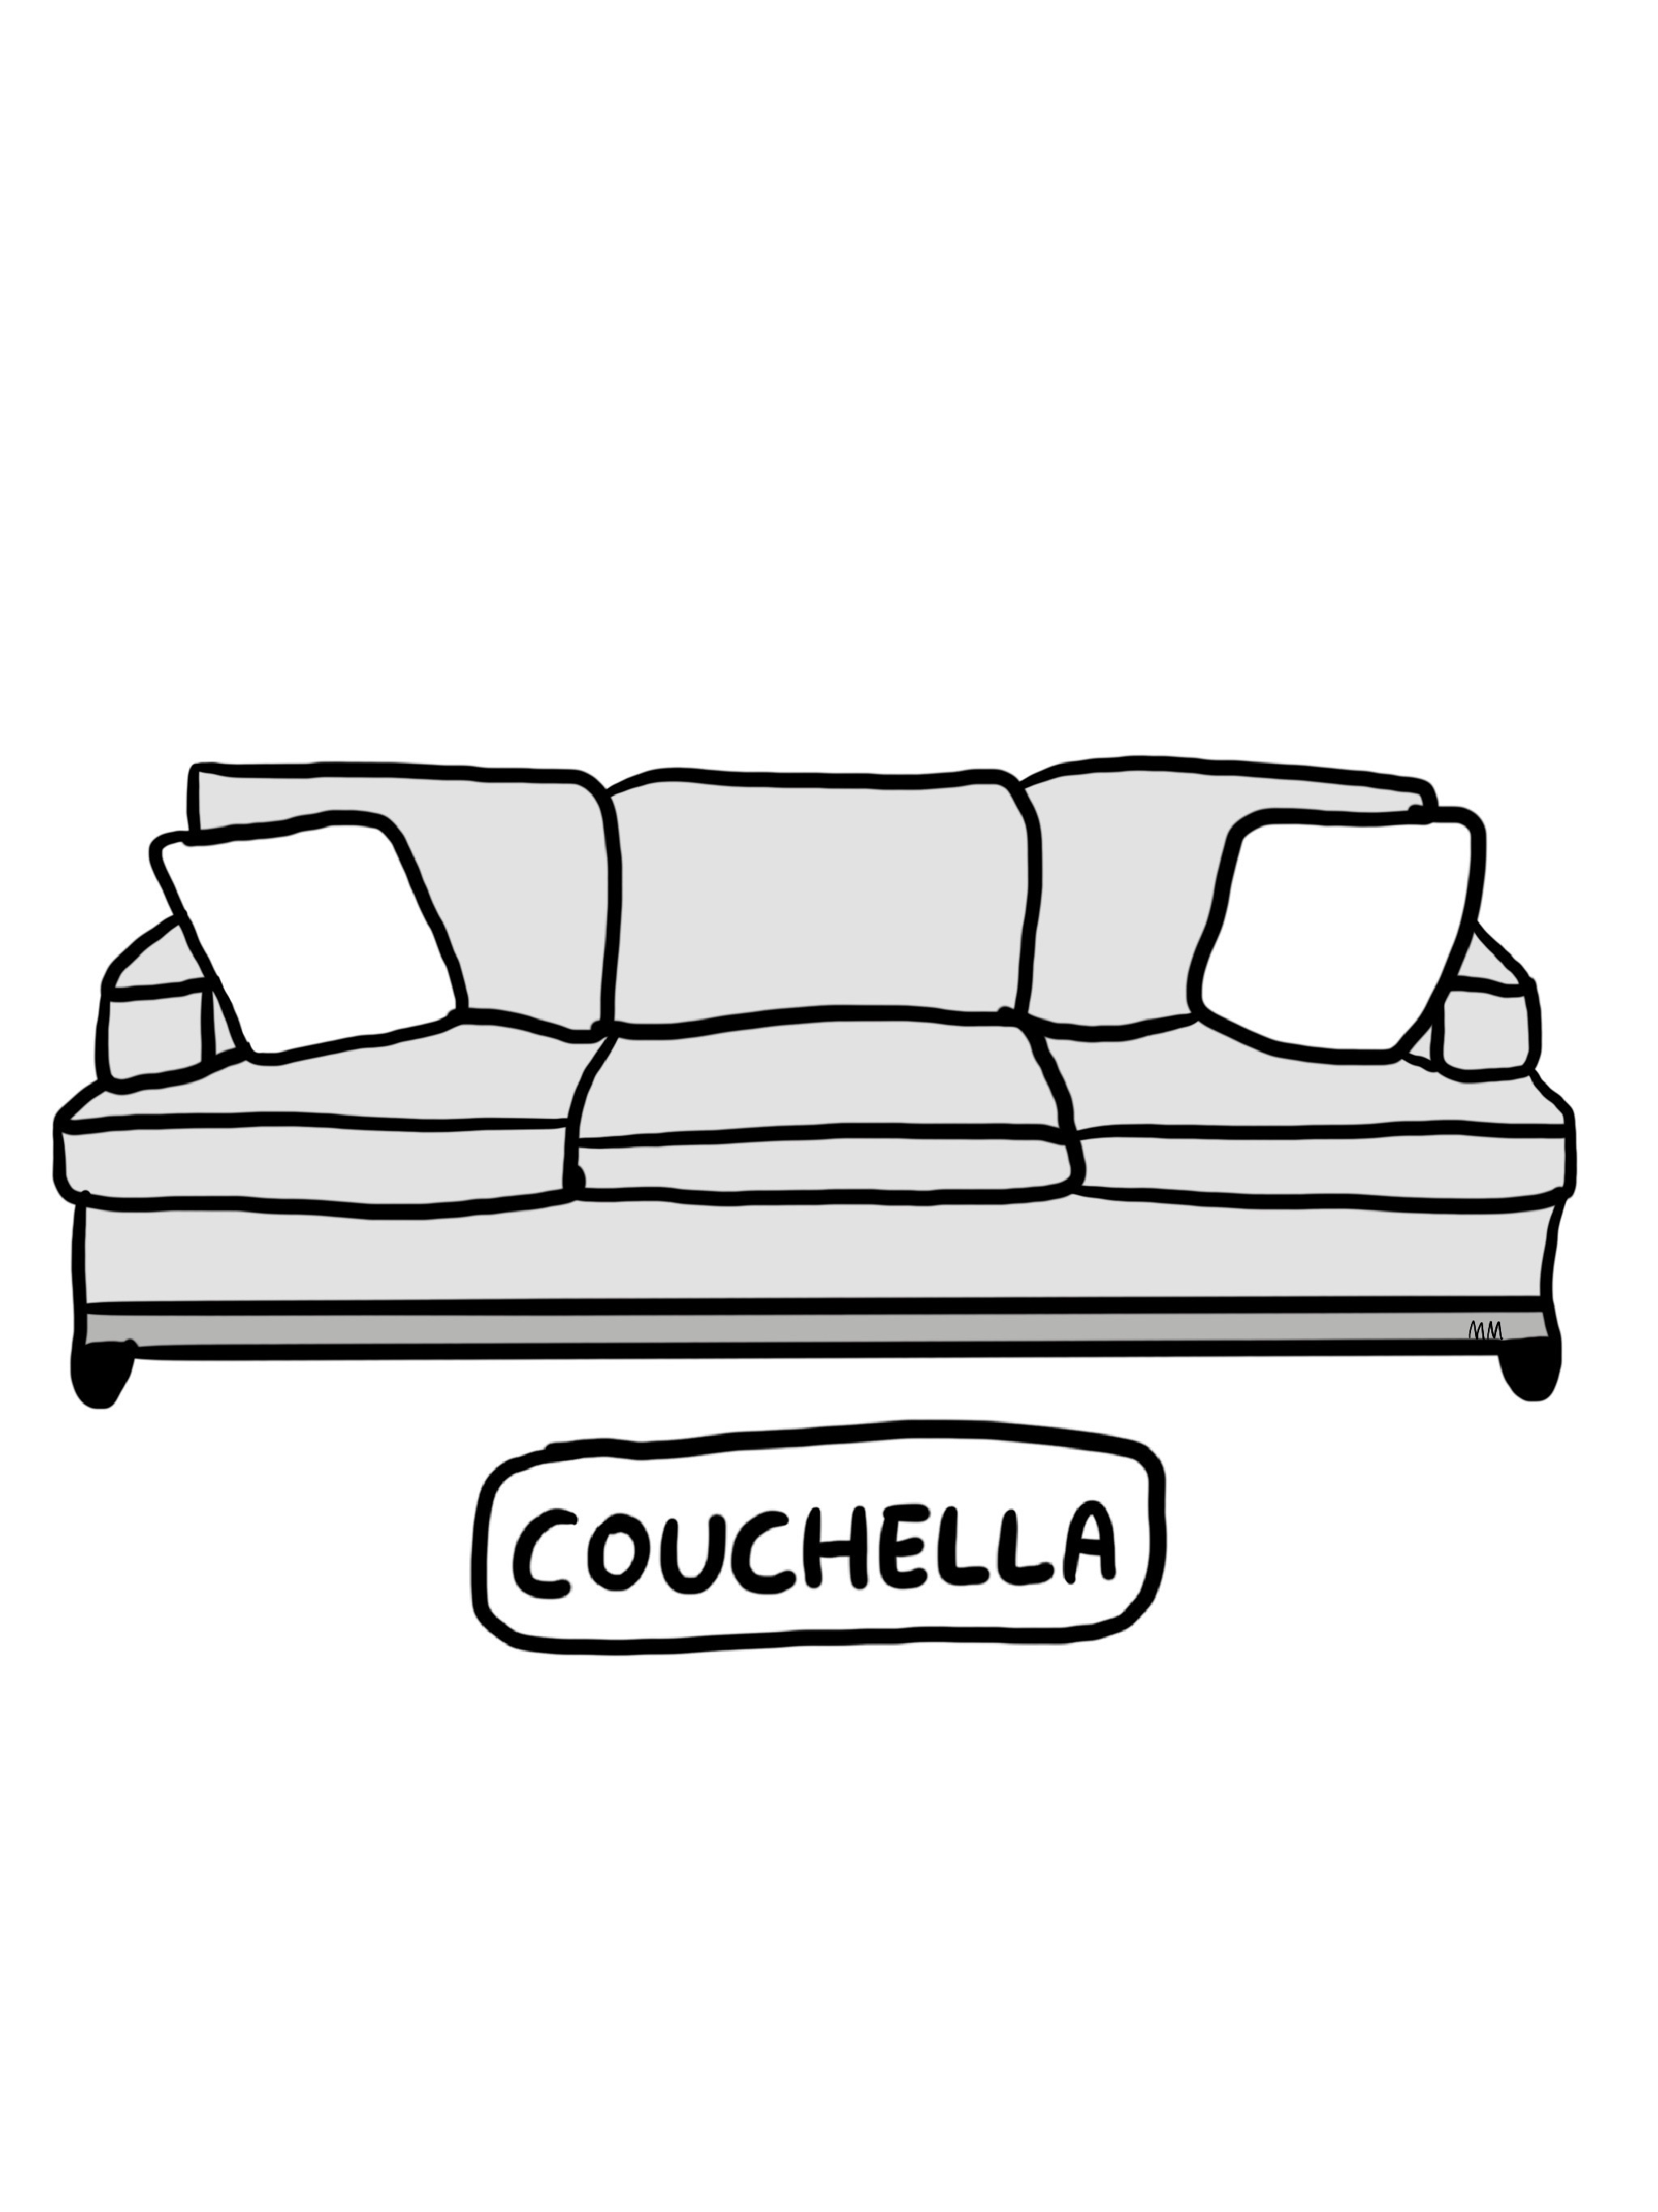 Couchella